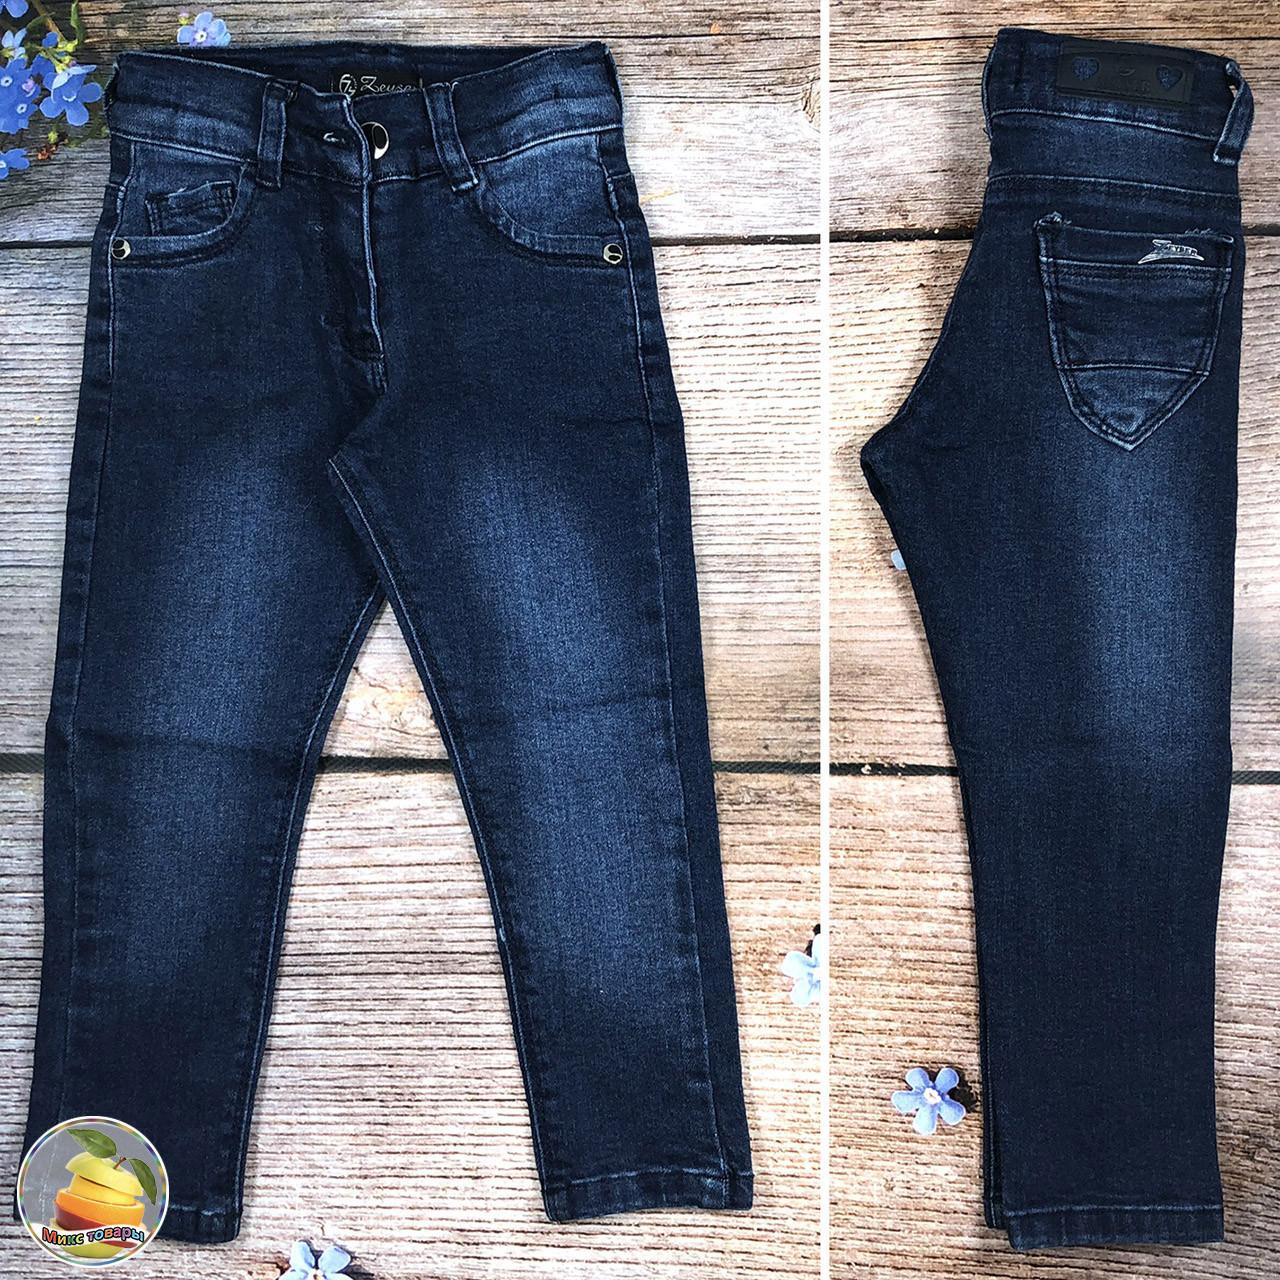 Стрейчевые классические джинсы для девочки подростка Размеры: 8,9,10,11,12 лет (8951)